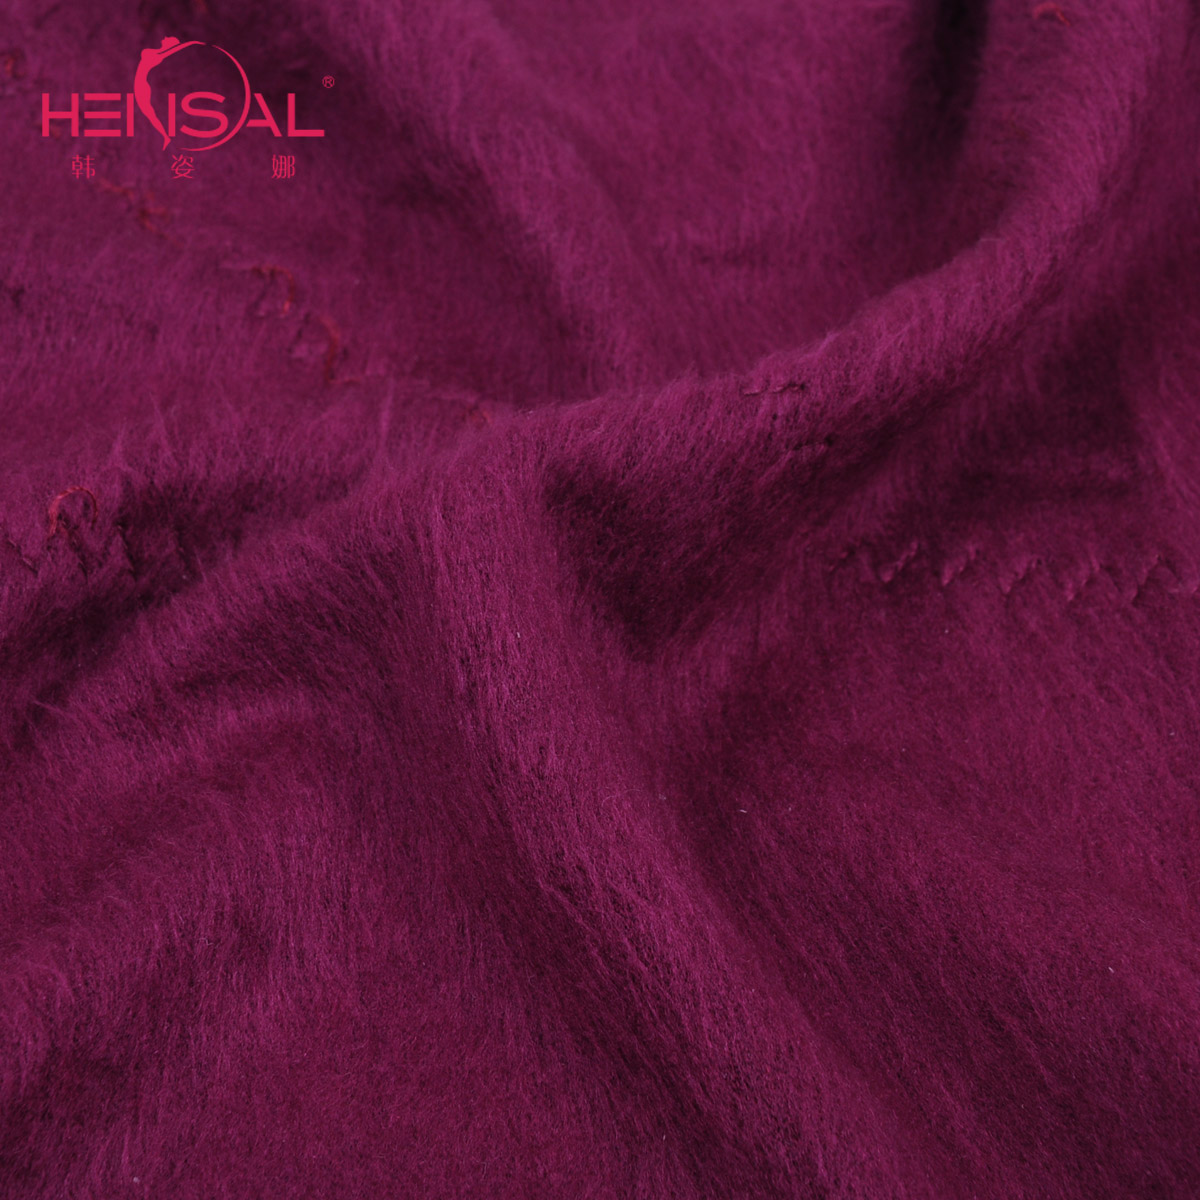 Корректирующая одежда Hensal 6383a Нейлон Без рукавов Зима До бедра